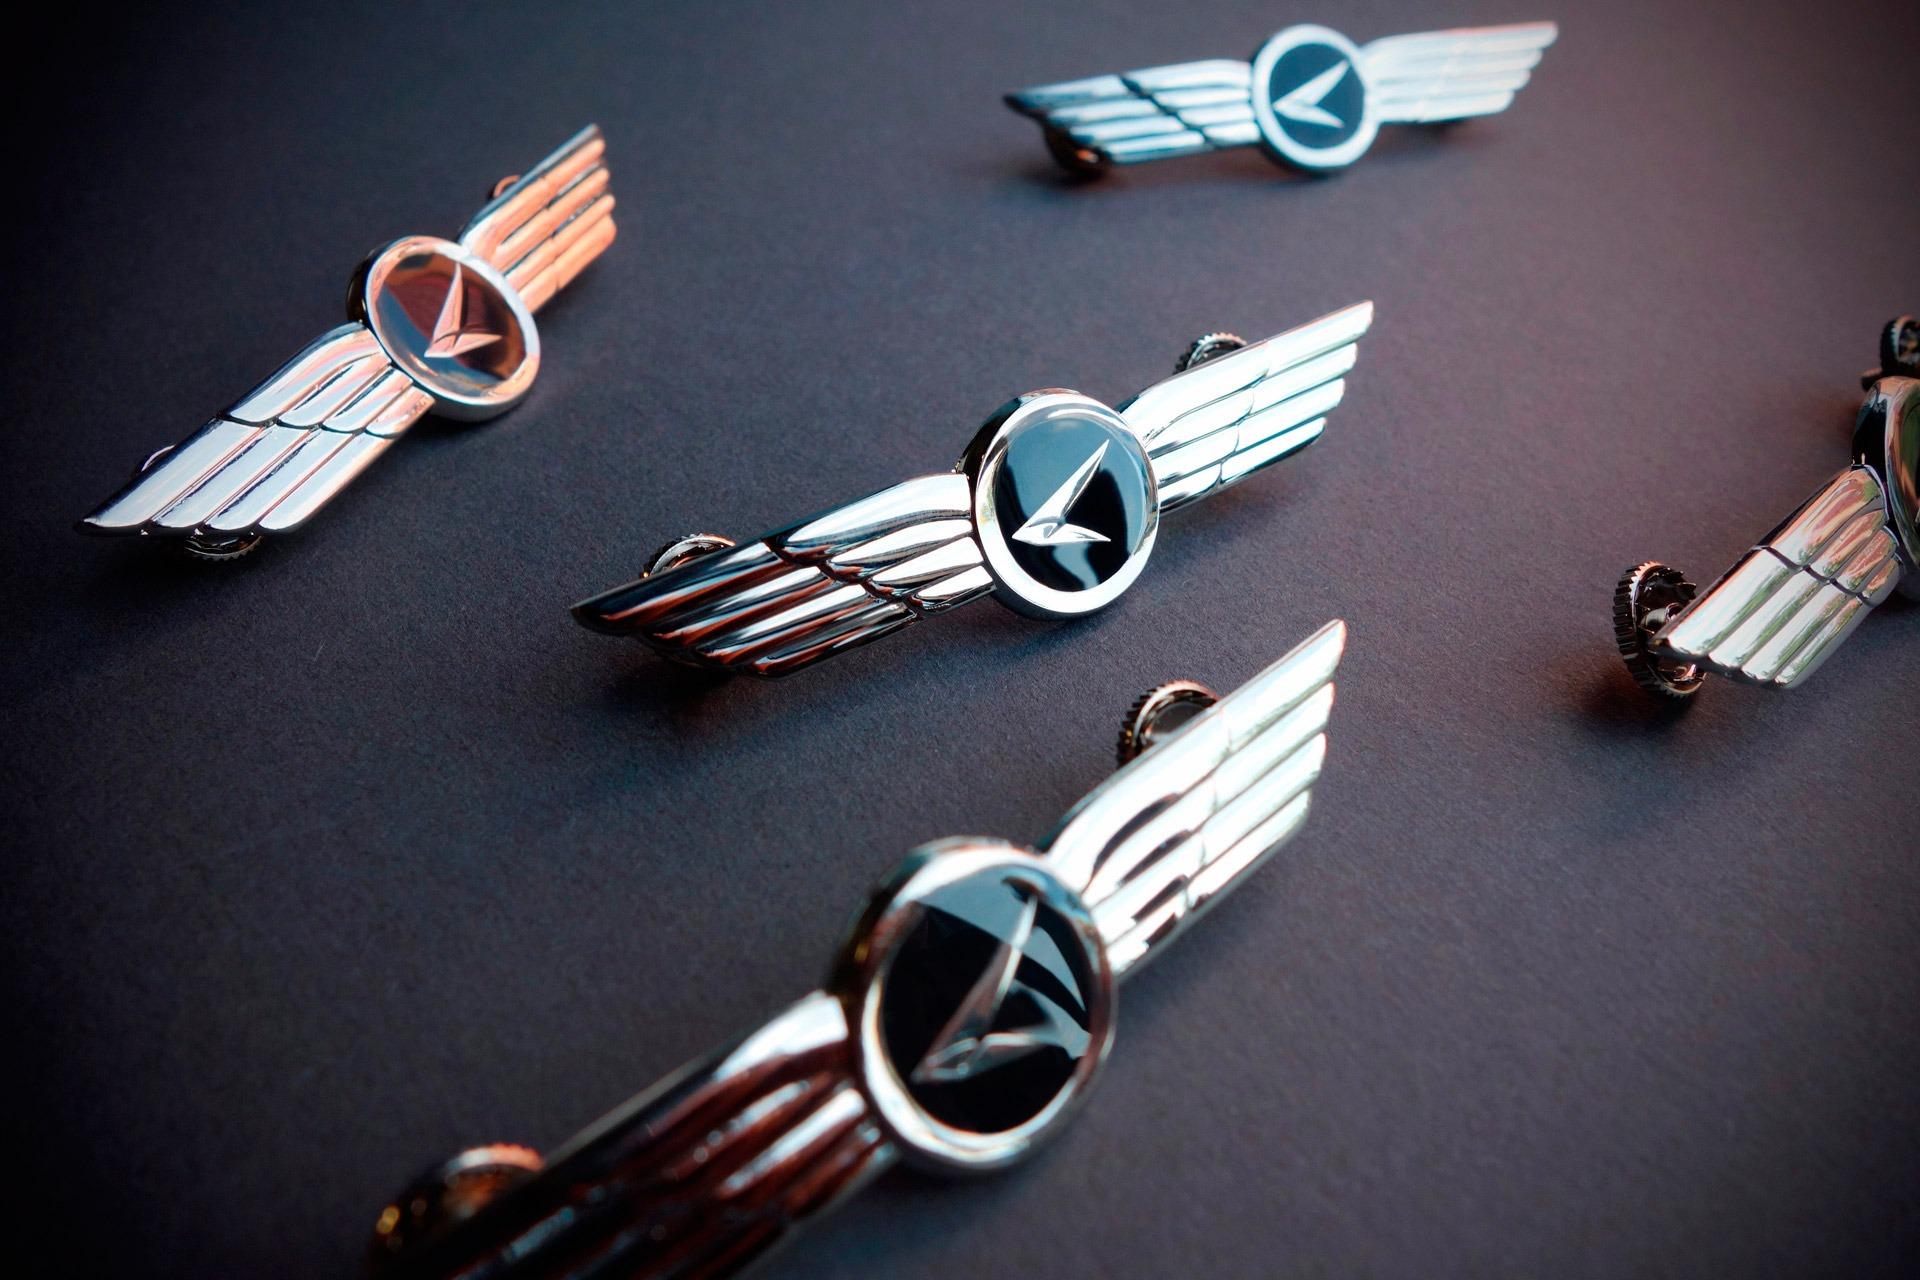 Авиакомпания Азимут, дизайн нагрудных знаков летного состава, design of flight crew badges for Azimuth Airlines